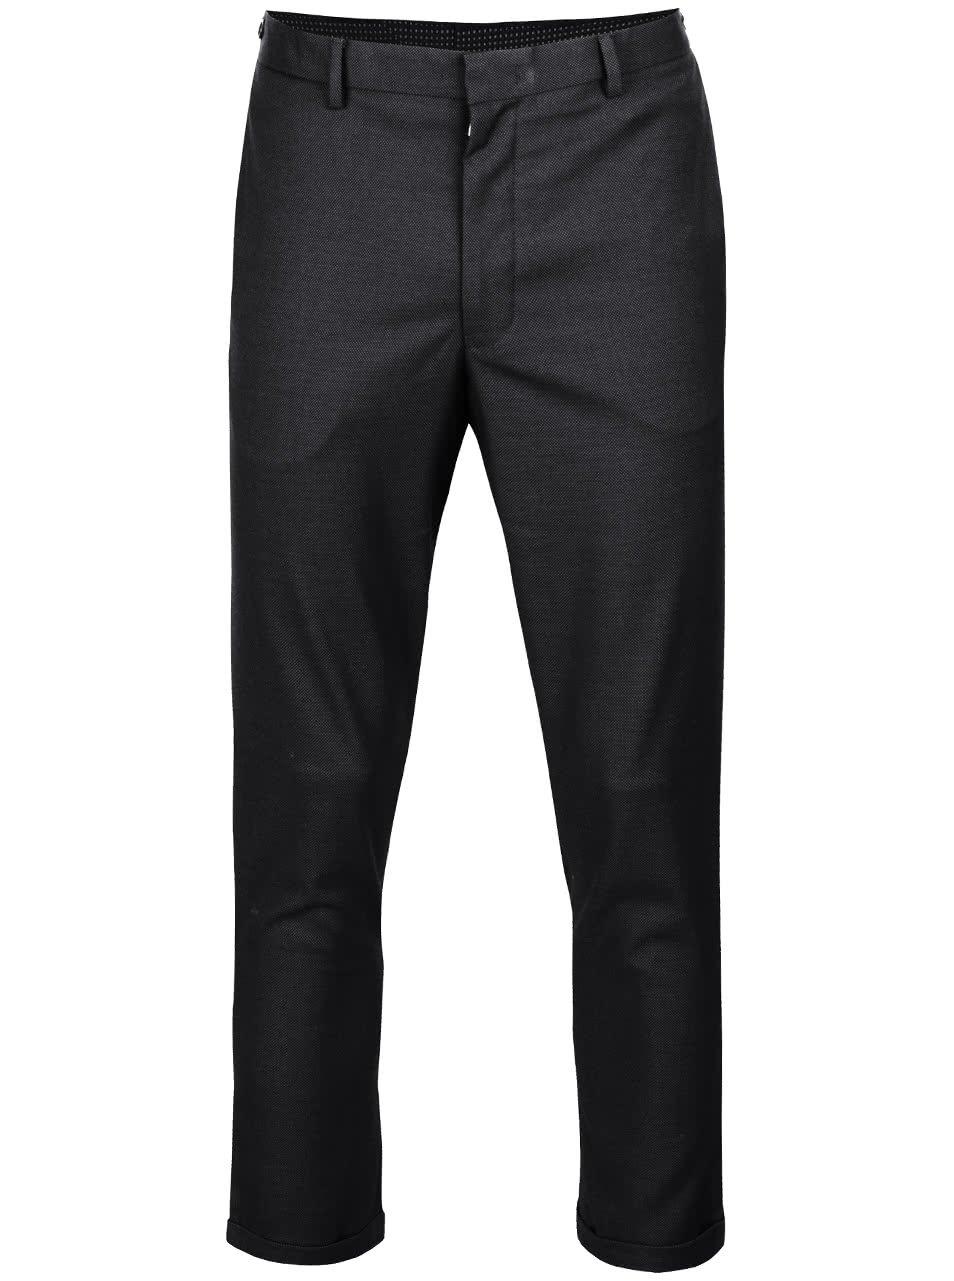 Tmavě šedé vzorované oblekové kalhoty Burton Menswear London